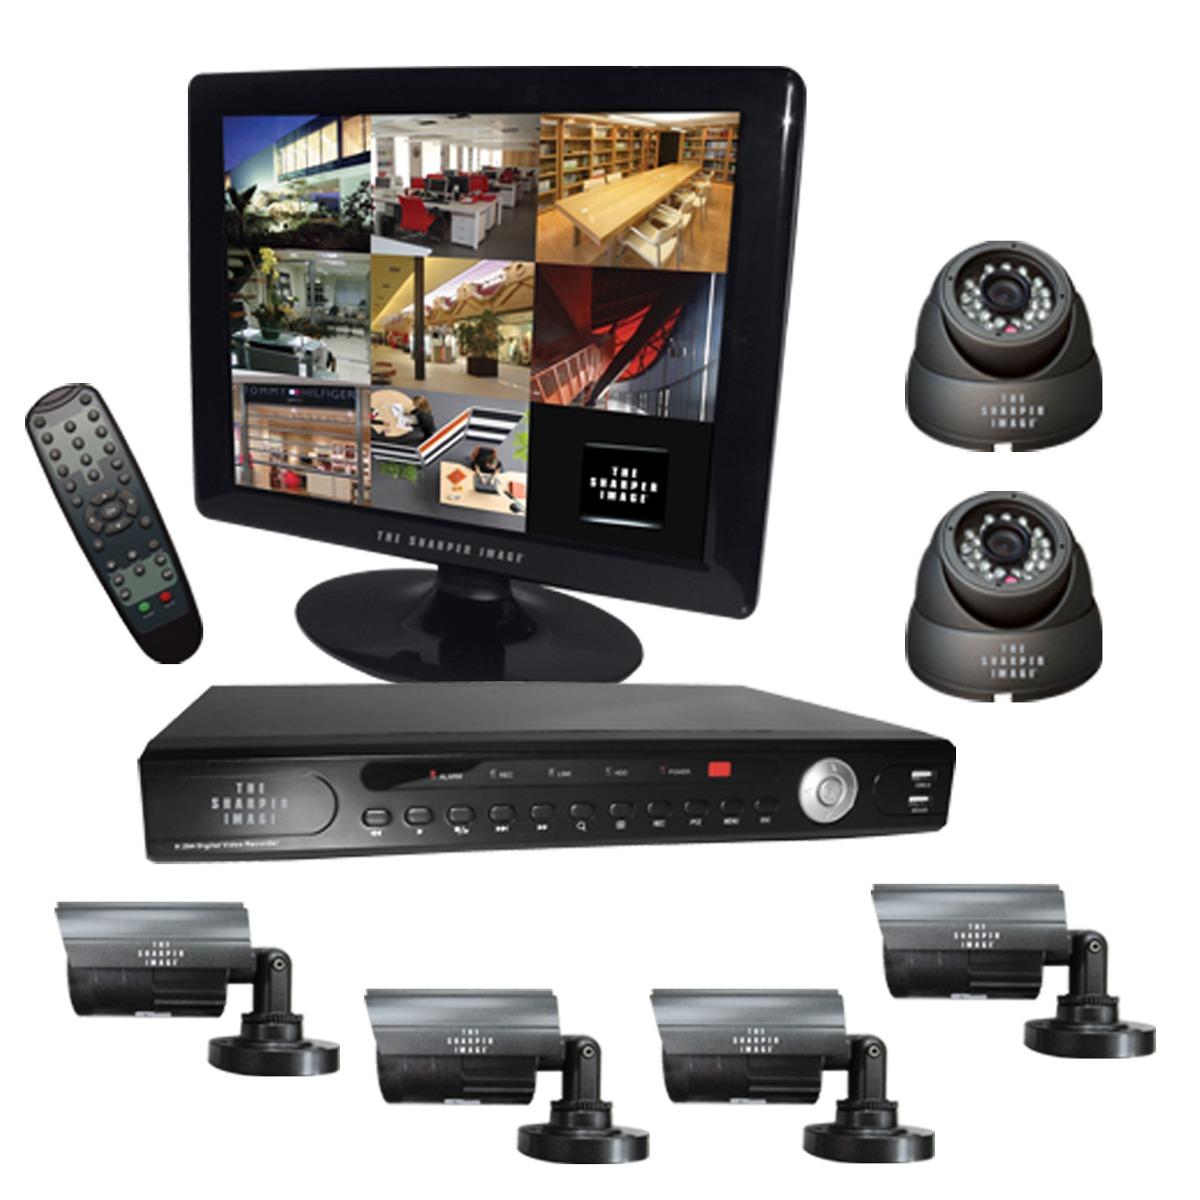 Circuito Cerrado : Kit de camaras video vigilancia circuito cerrado seguridad